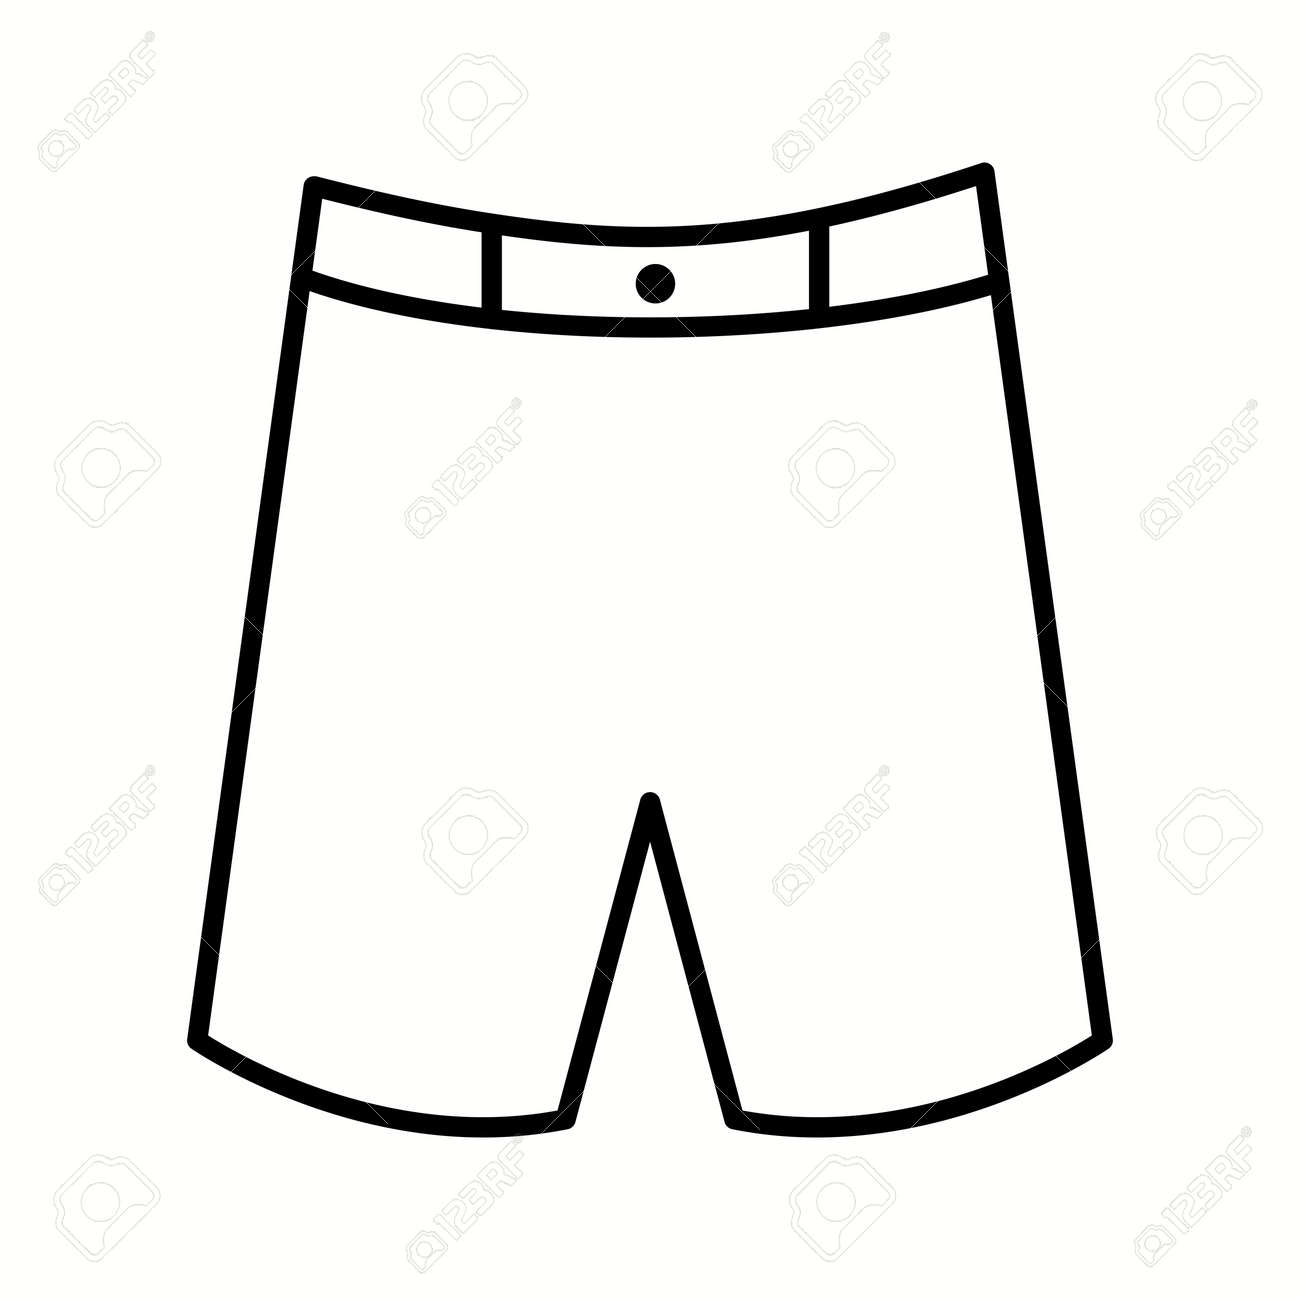 Unique Shorts Vector Line Icon - 137919358